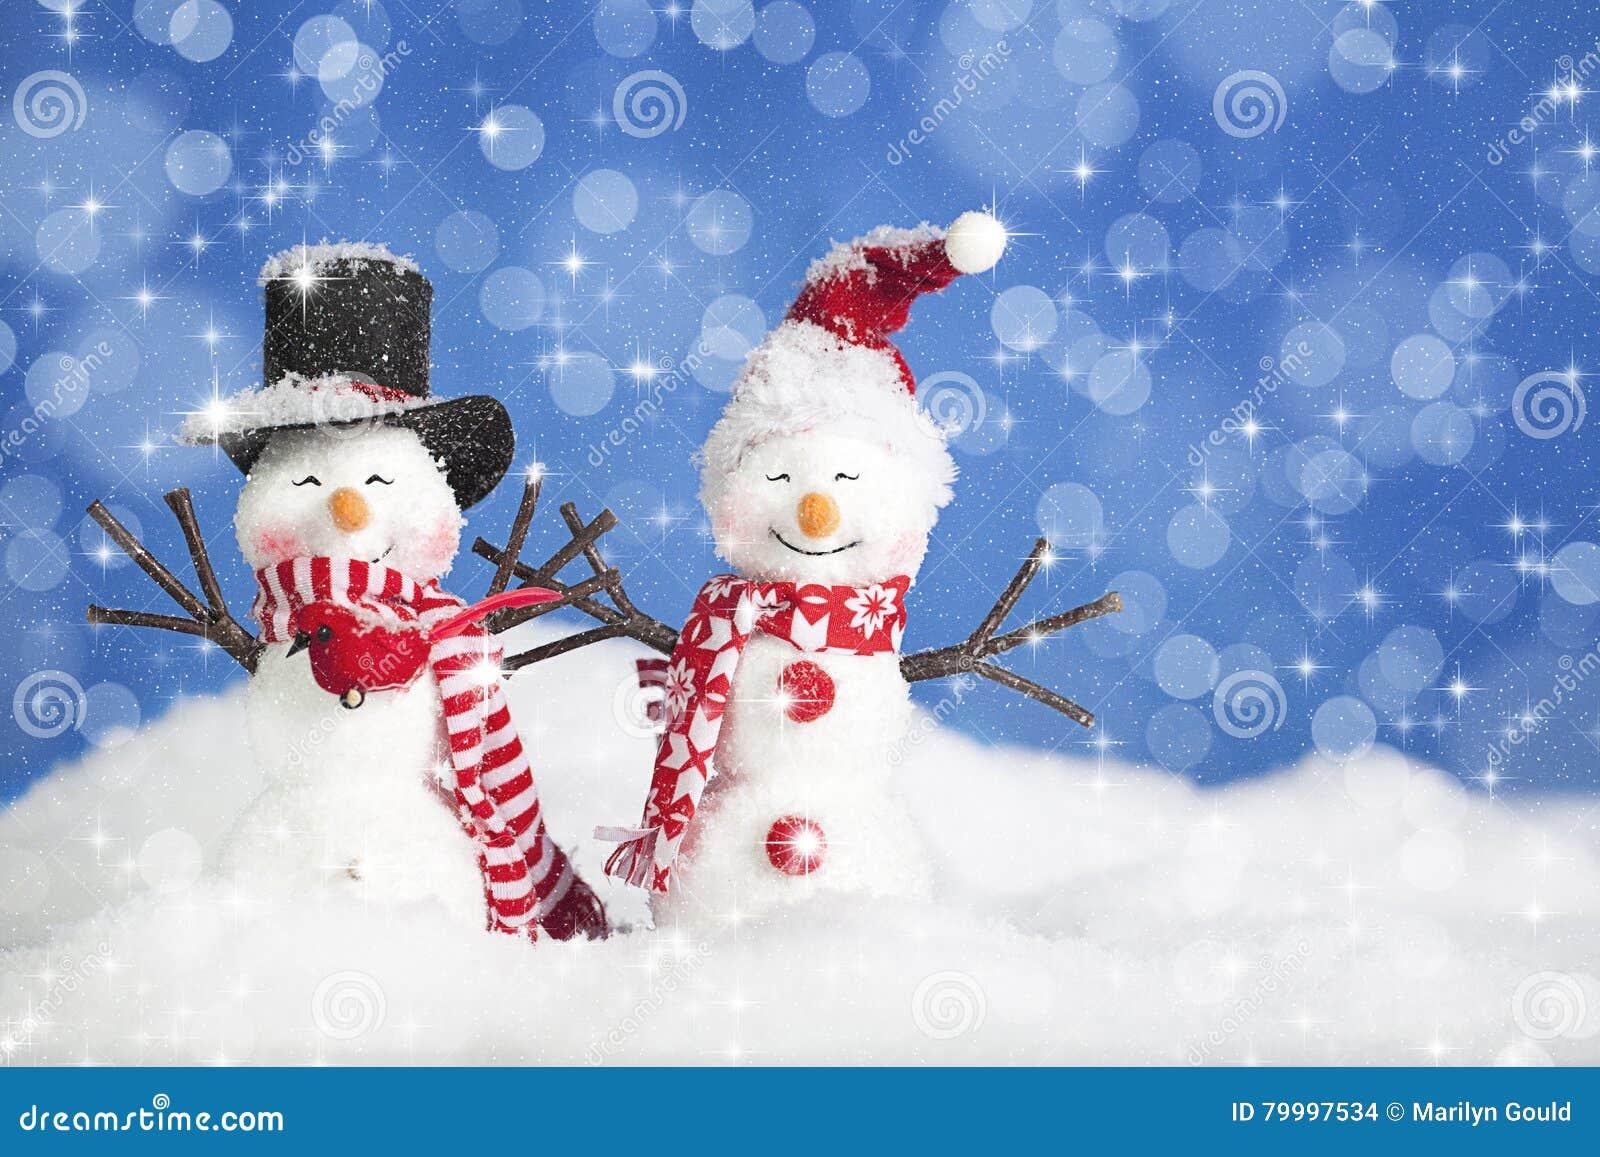 Weihnachtsschnee-Leute